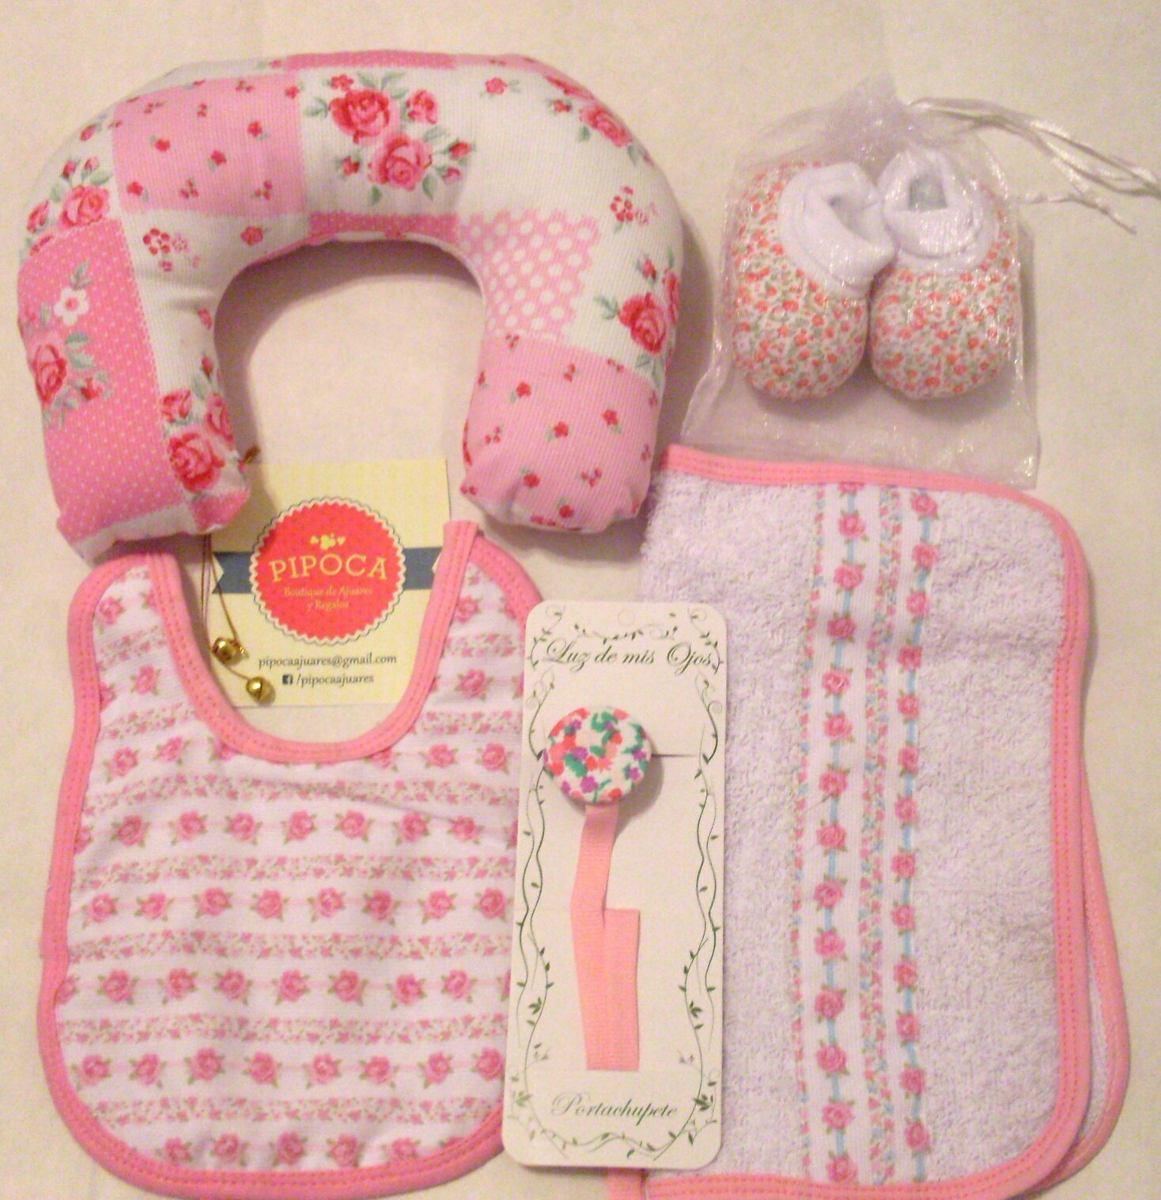 Set Ajuar 20 Nacimiento Regalos Bebé Petit Enfant Babyshower -   805 ... 8aa6750958e